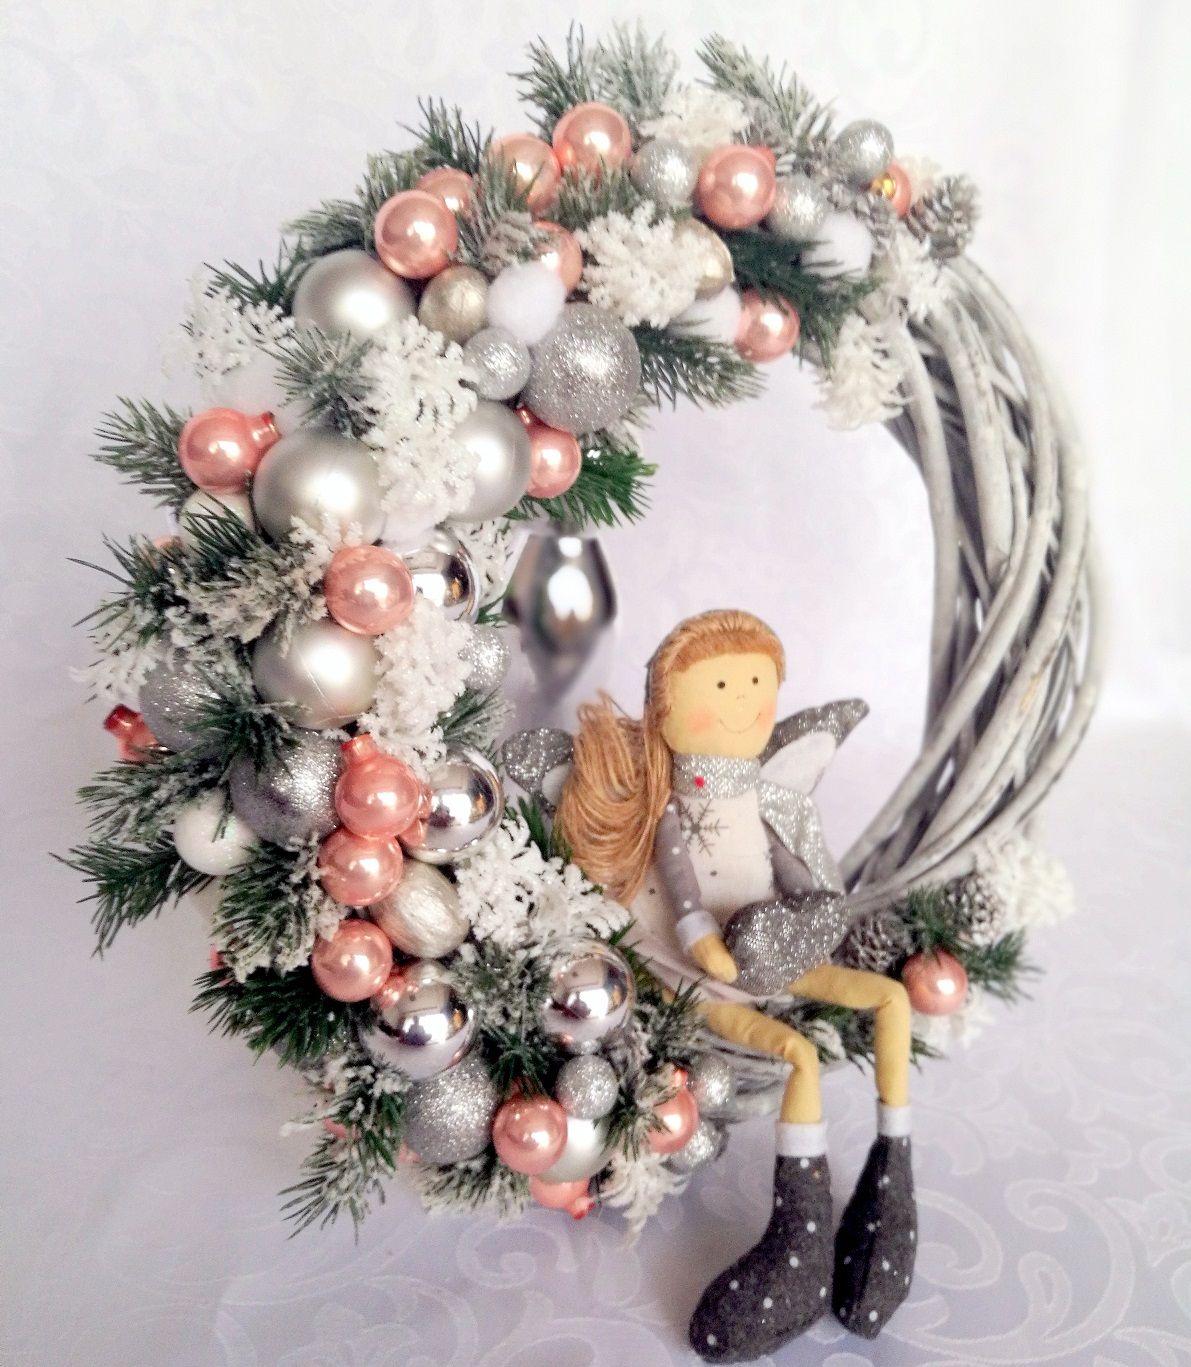 Wianek Swiateczny Z Aniolkiem Nr 57 Swiateczne Atelier Christmas Wreaths Holiday Decor Holiday